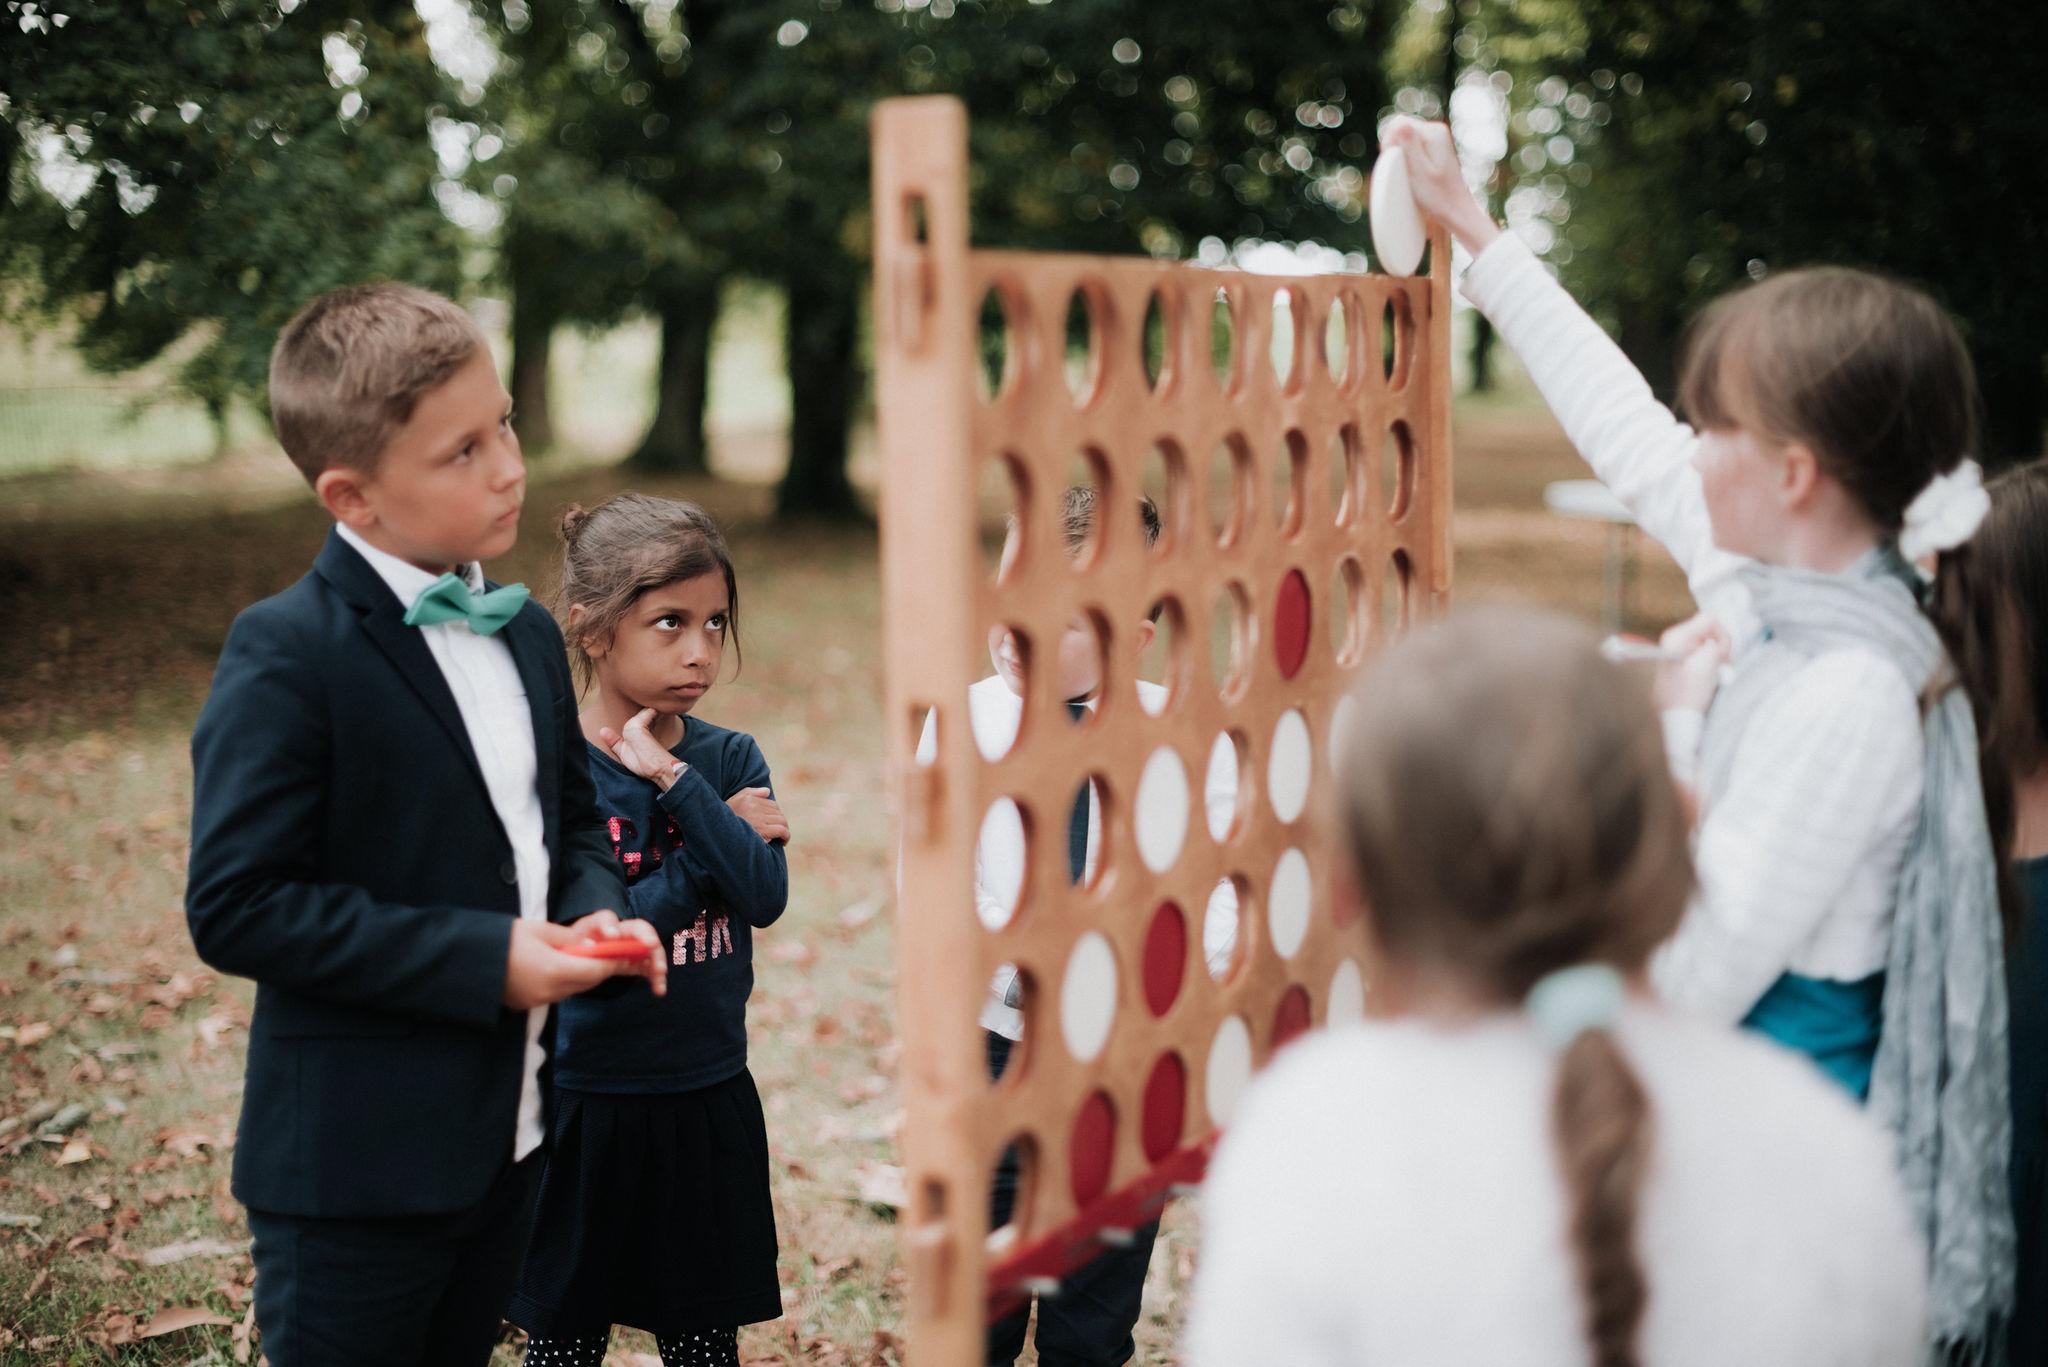 Léa-Fery-photographe-professionnel-lyon-rhone-alpes-portrait-creation-mariage-evenement-evenementiel-famille-6761.jpg